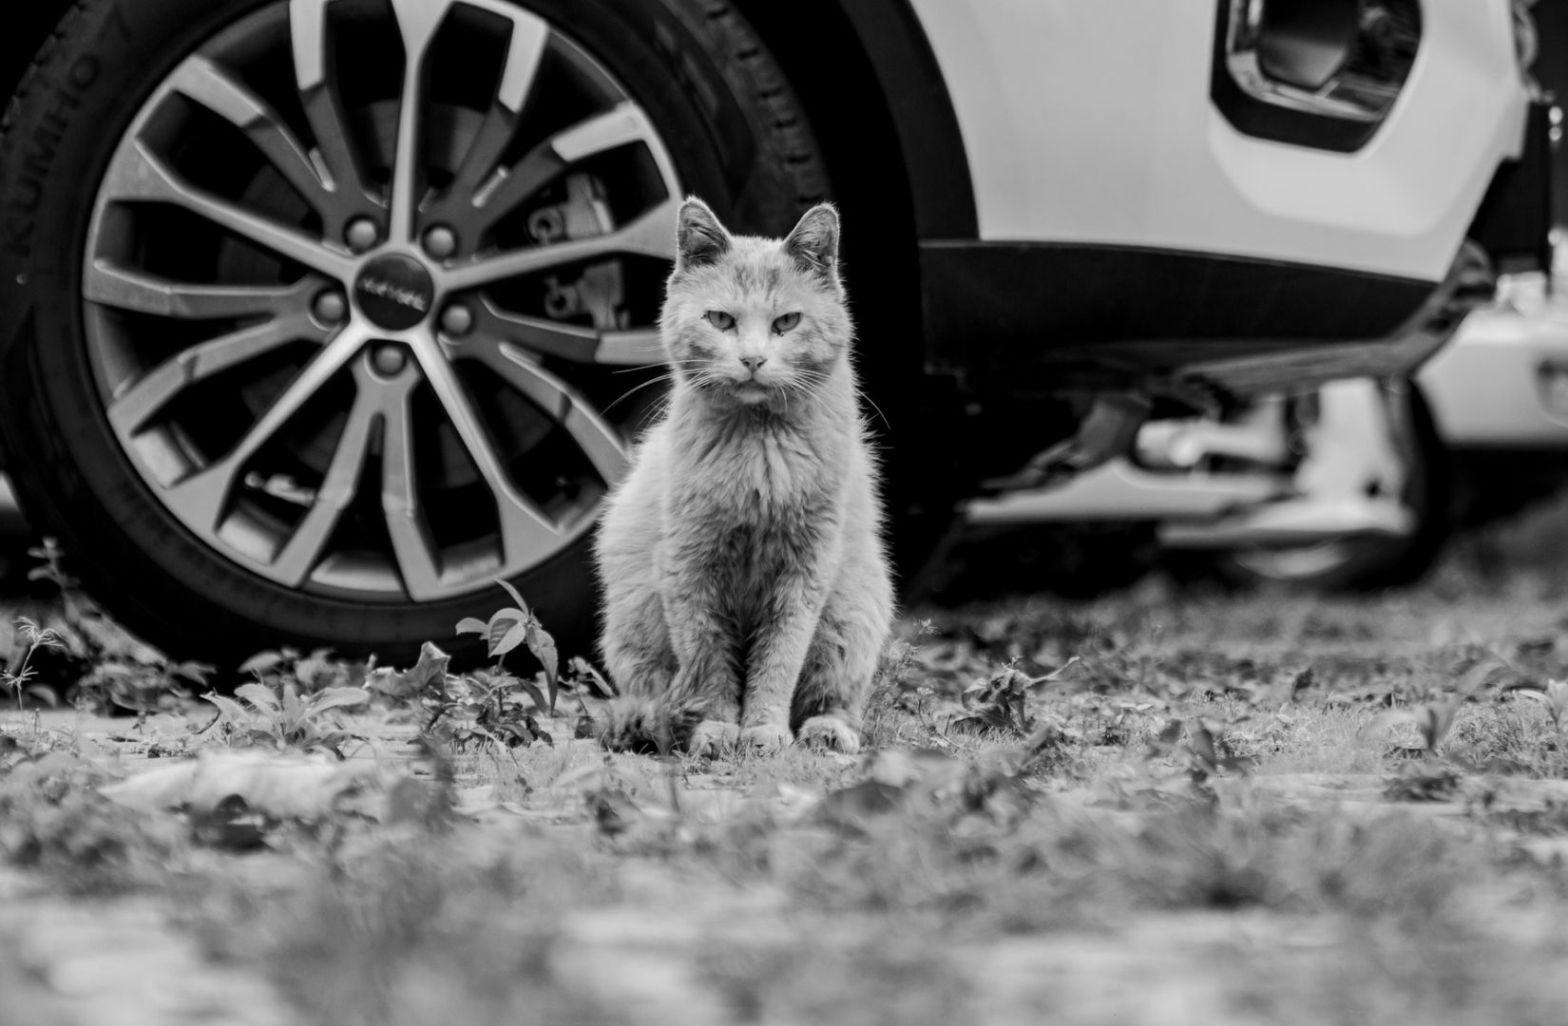 Mögen Katzen Popkultur? Sie findet auf The Deframing Channel wo auch Dirk C. Fleck gelesen hat. (Foto: Li Lin, Unsplash.com)